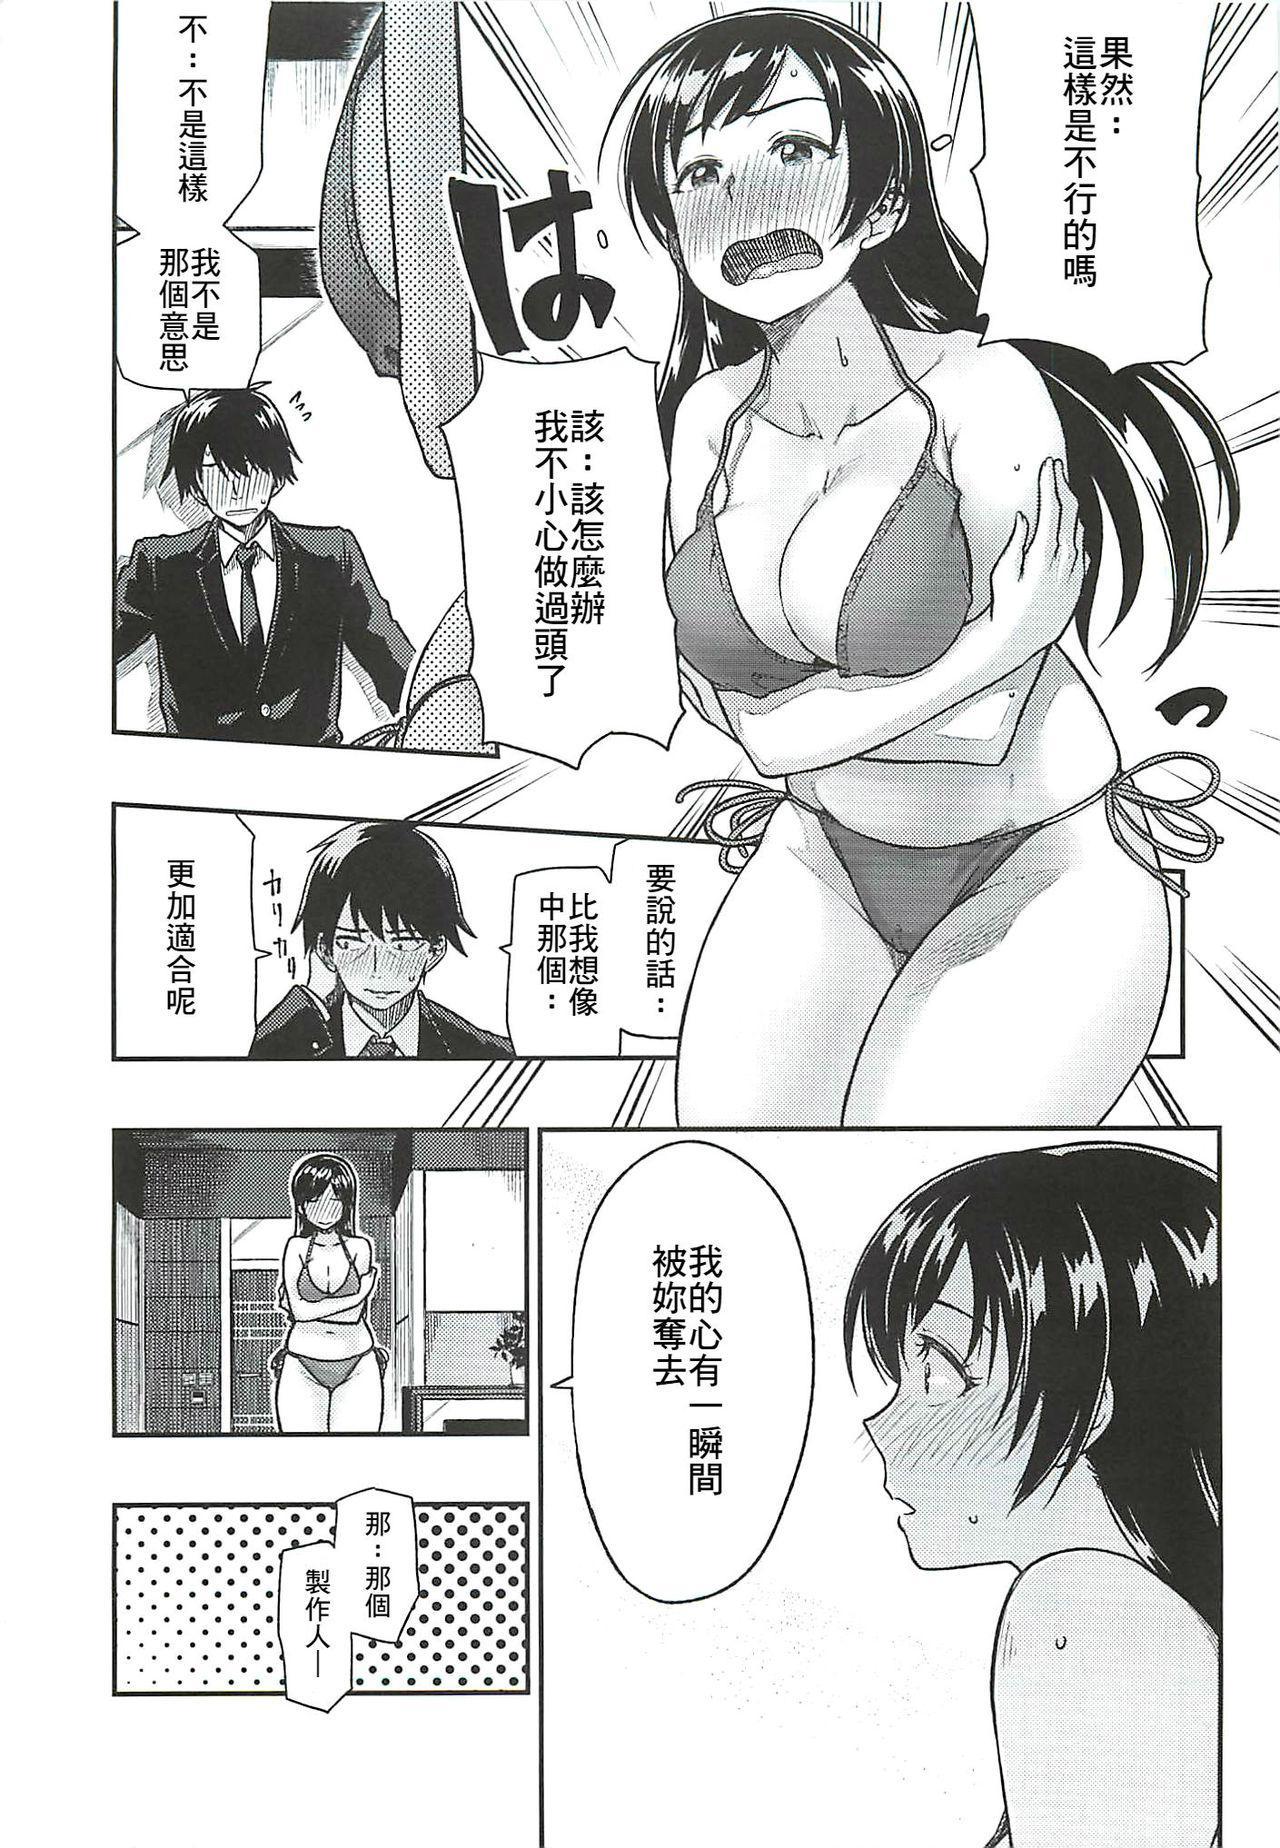 Nitta-san Taijuu o Fuyasite Kudasai. 8